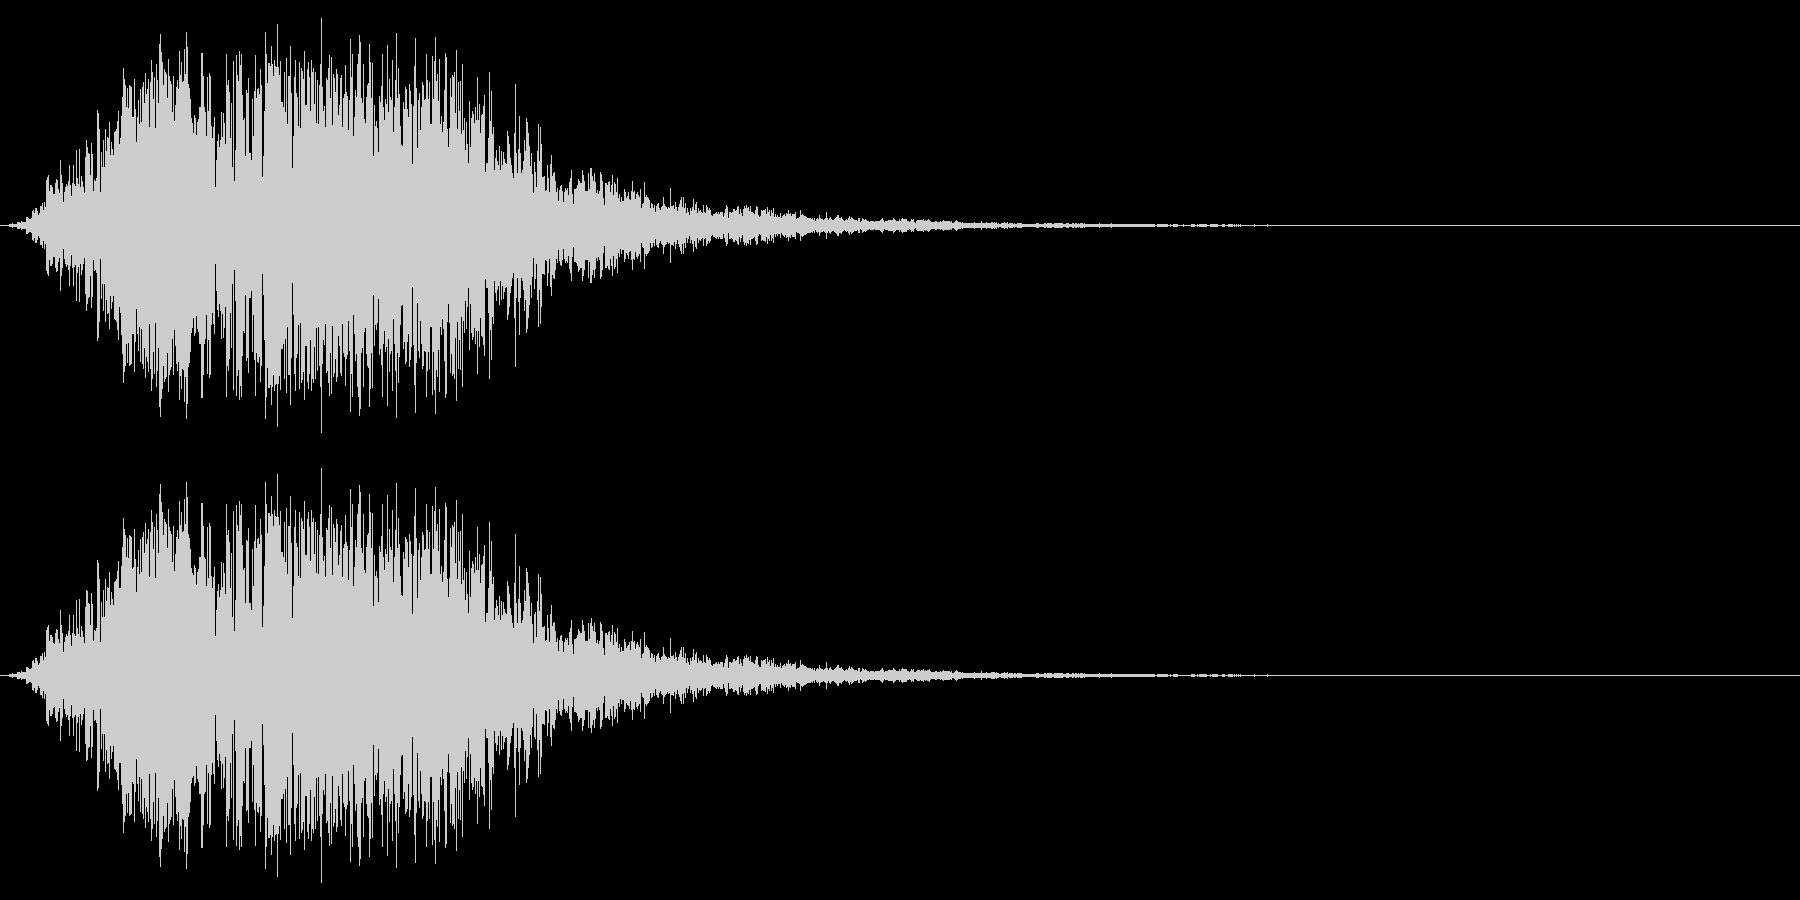 触手のイメージ(ボワゥシュシュ……)の未再生の波形